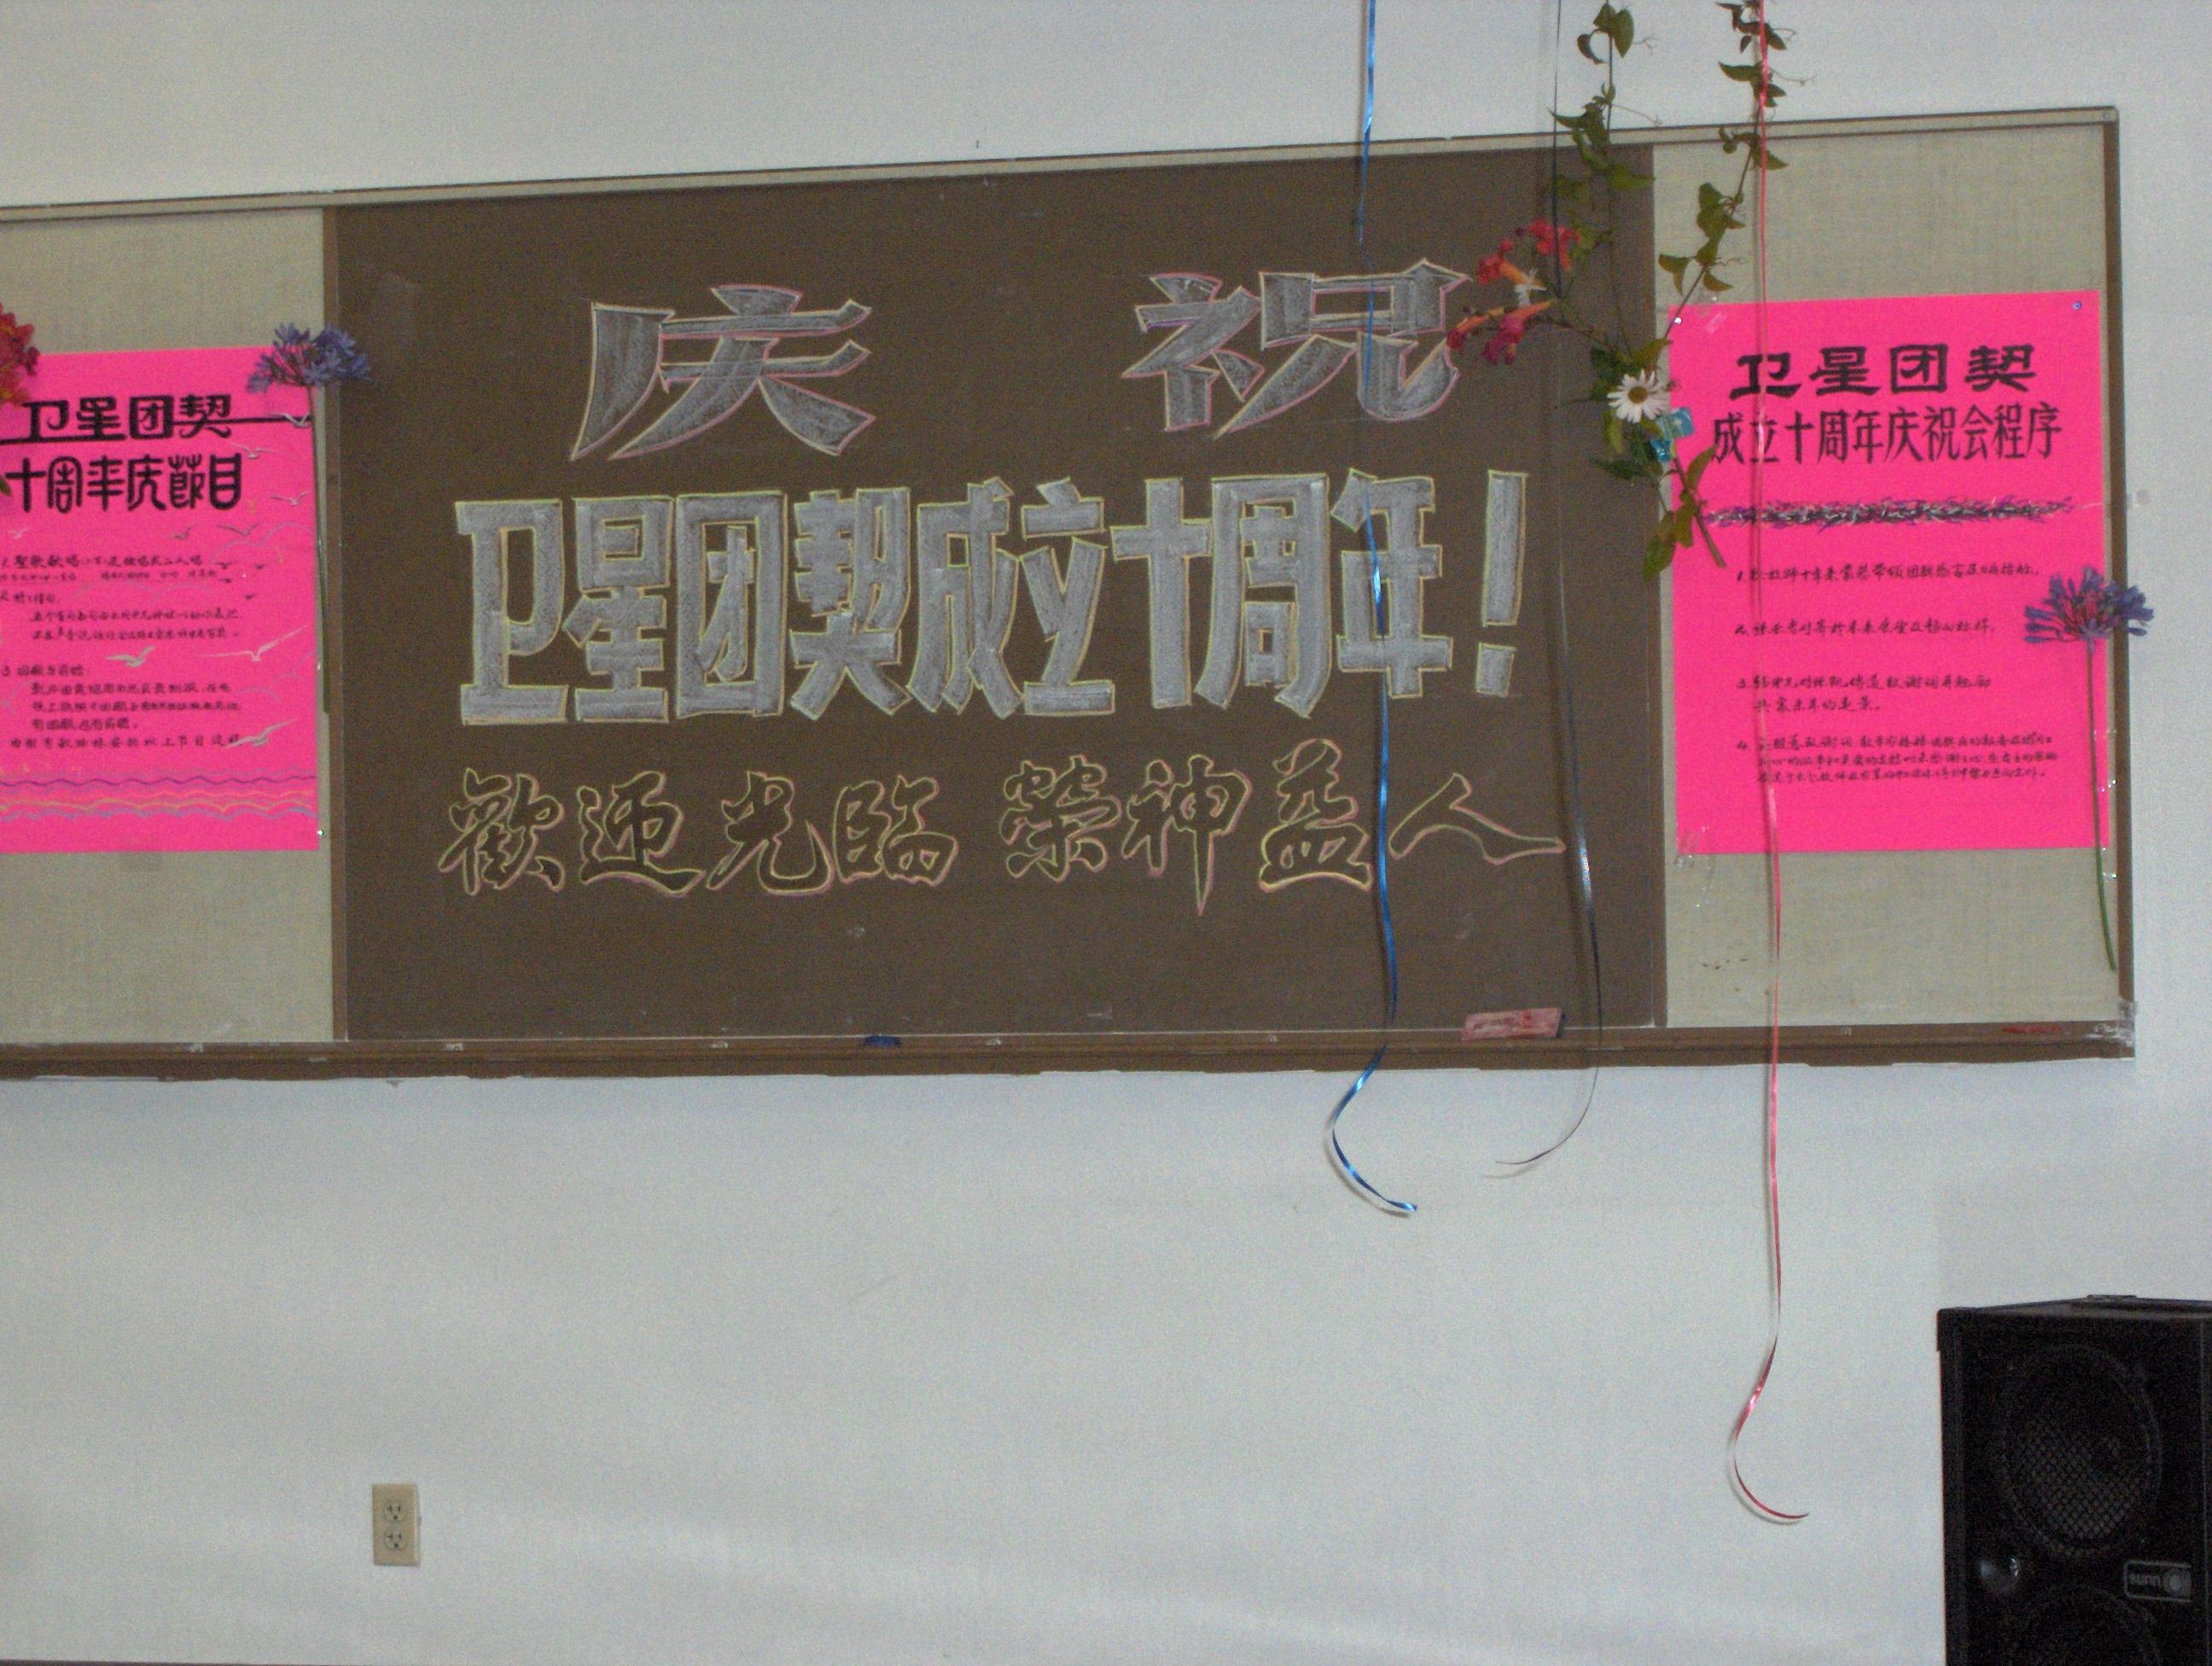 2007-6-24『衛星團契』十週年團慶